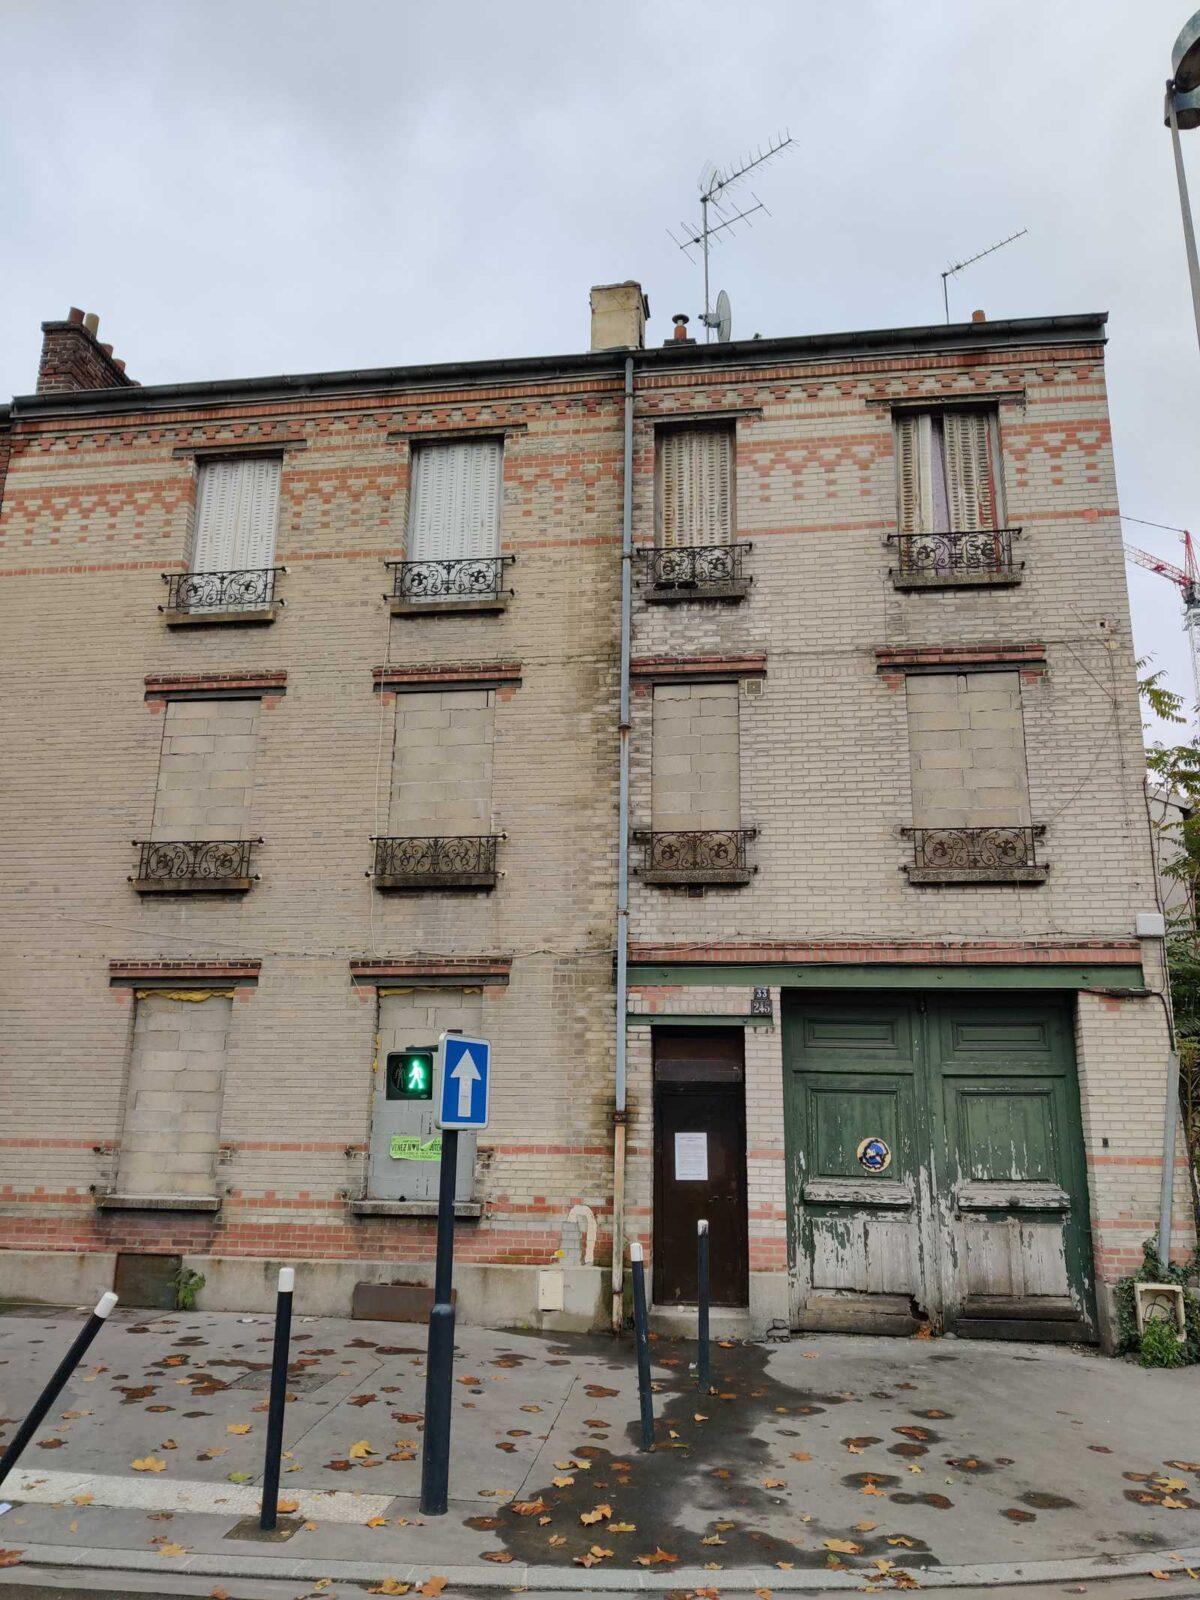 Ein verbarrikadiertes Haus in der Nähe des Turmes Pleyel in der Seine Saint Denis, dem nördlichen Departement von Paris. Meithaie machen sich den Mangel an Wohnraum zu eigen. um Einheiten zu gewinnträchtig zu vermieten.